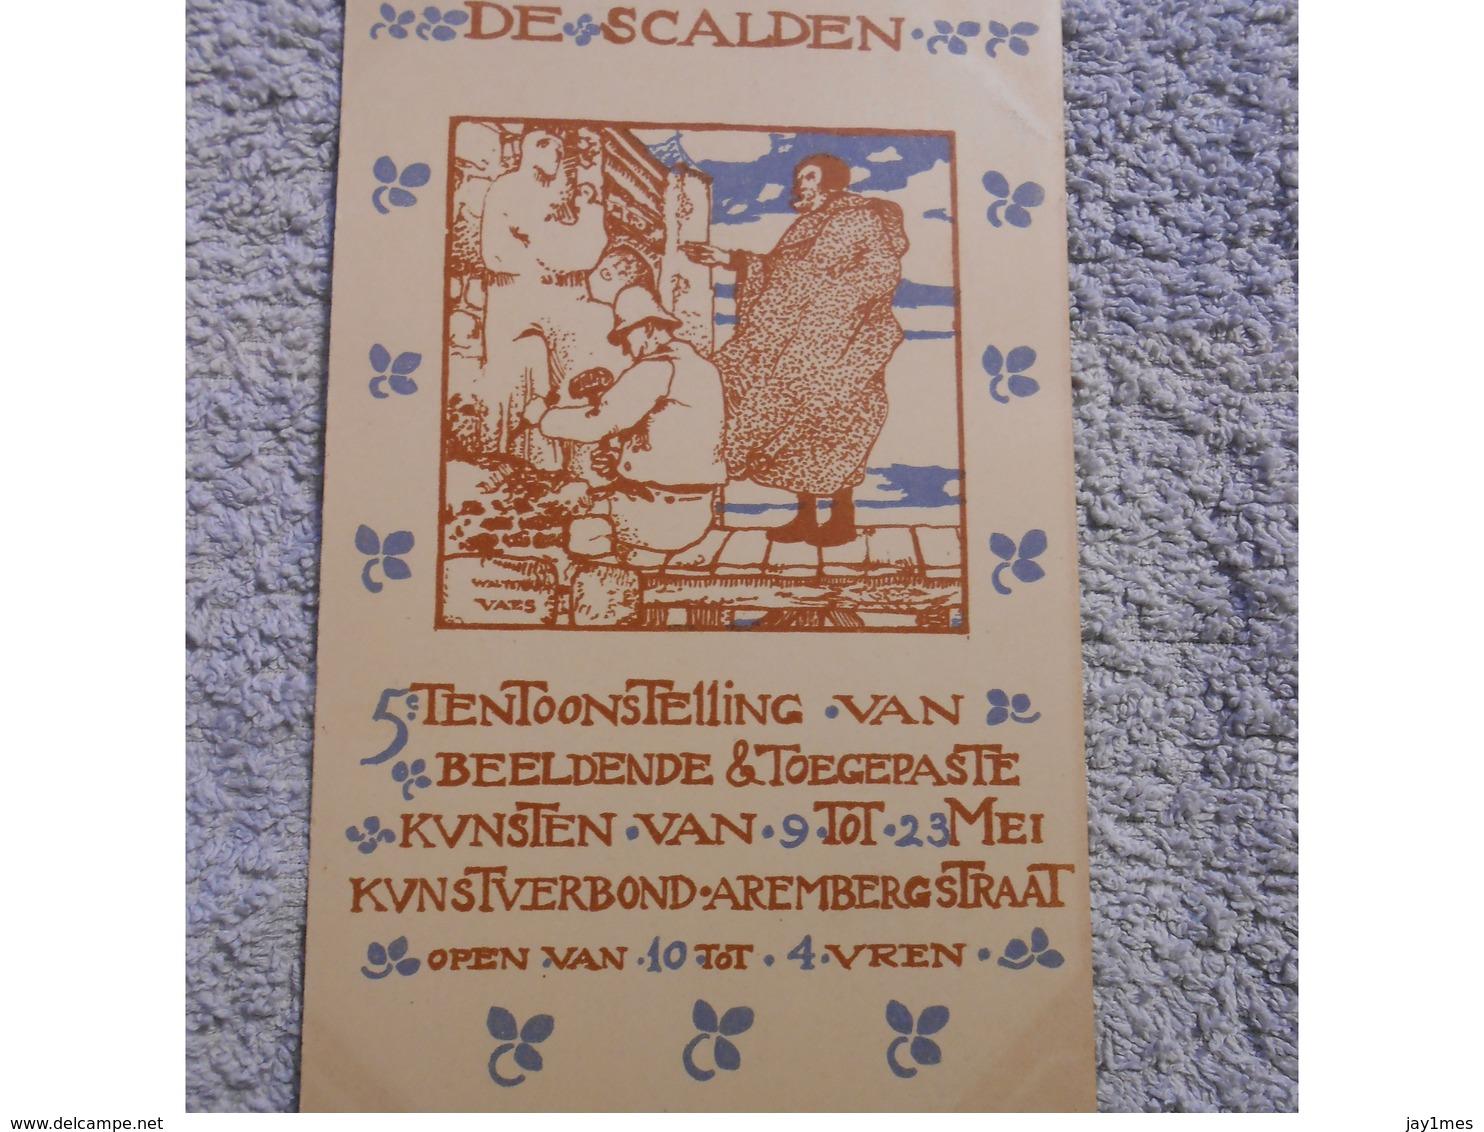 Cpa De Scalden 5eme Tentoonstelling Du 9 Au 23 Mei 1903 - Antwerpen